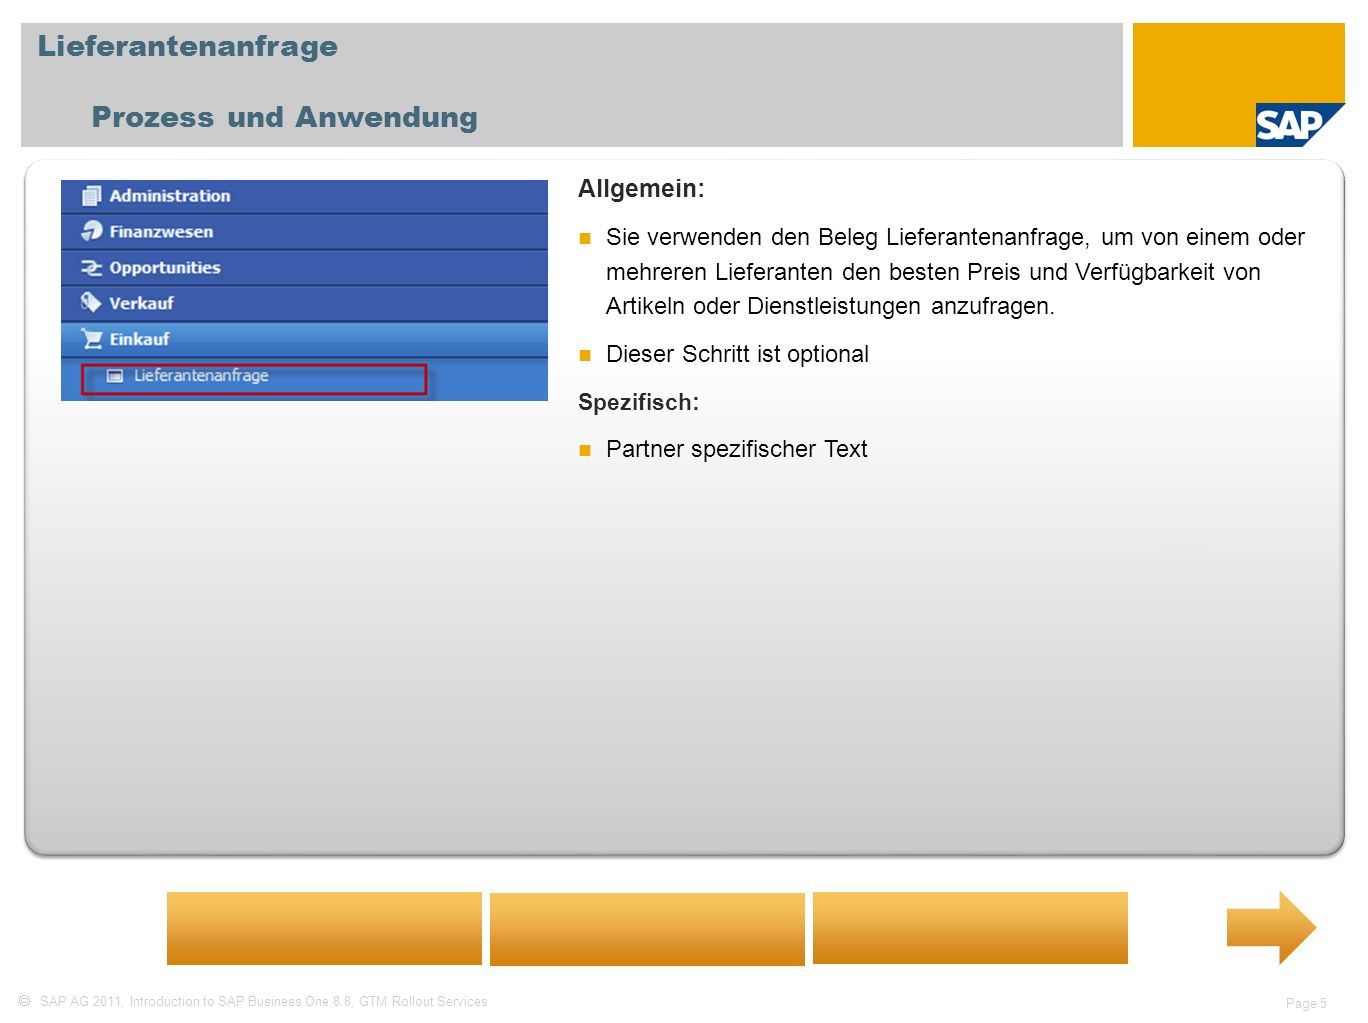 SAP AG 2011, Introduction to SAP Business One 8.8, GTM Rollout Services Page 5 Lieferantenanfrage Prozess und Anwendung Allgemein: Sie verwenden den B